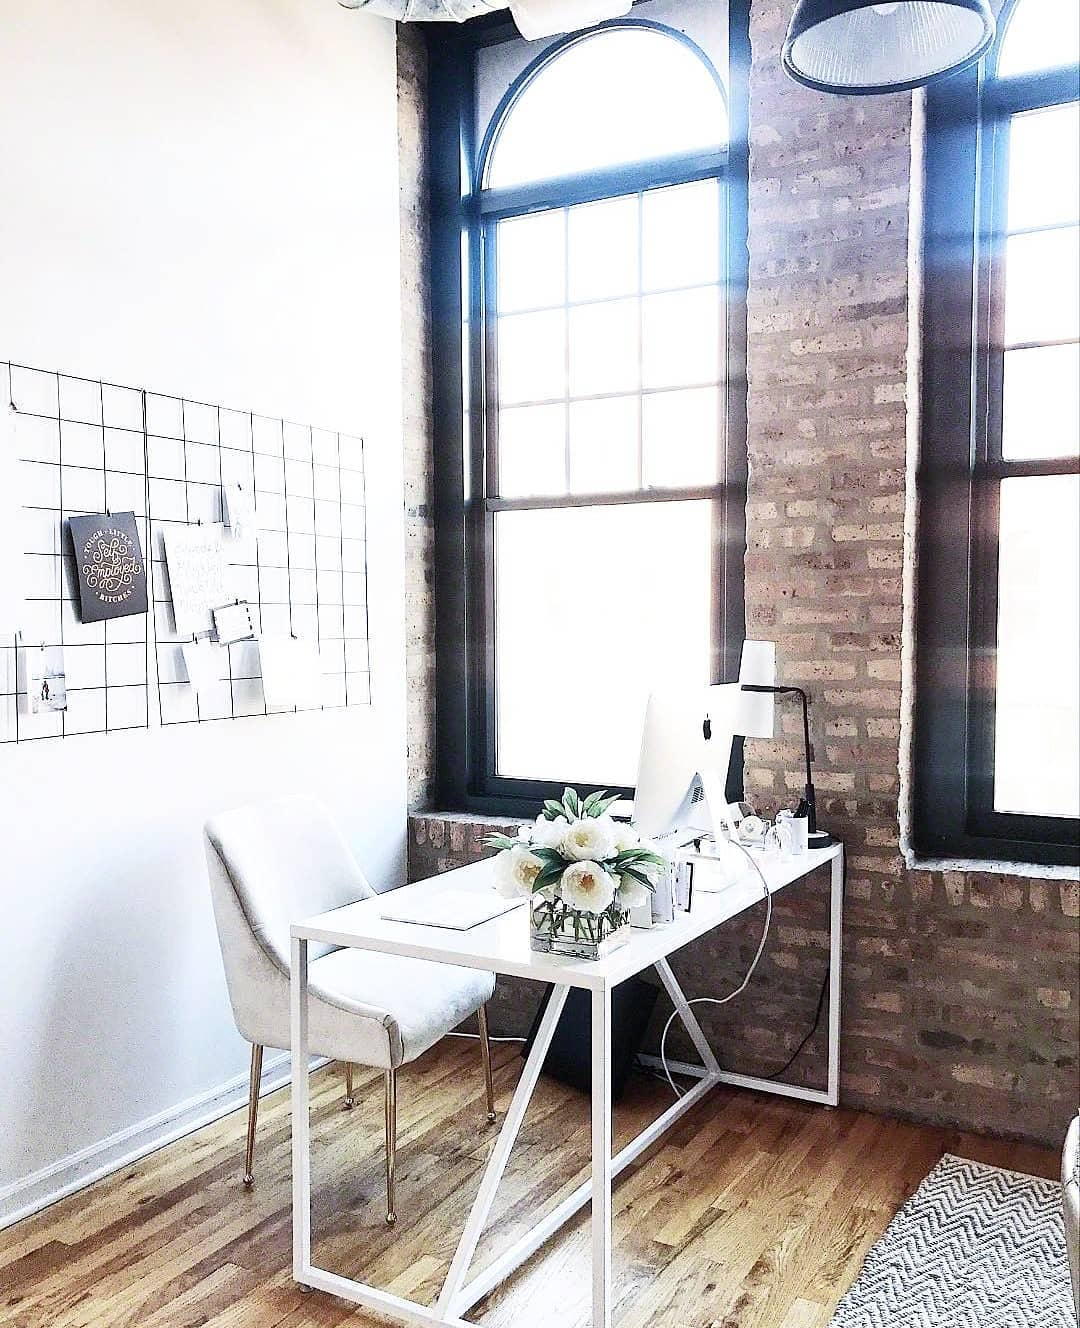 Организация рабочего места в квартире: фото